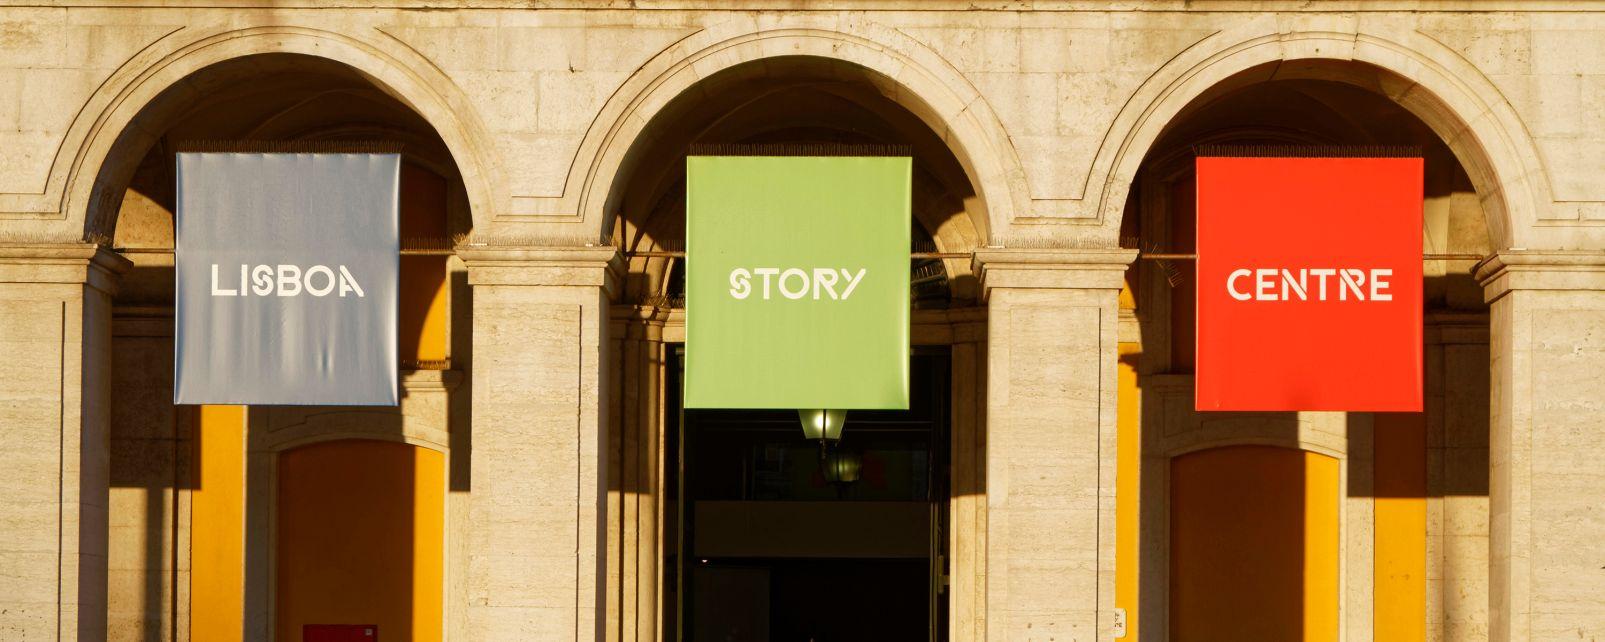 Les musées, Lisbonne, Portugal, musée, lisboa Story Center, europe, culture